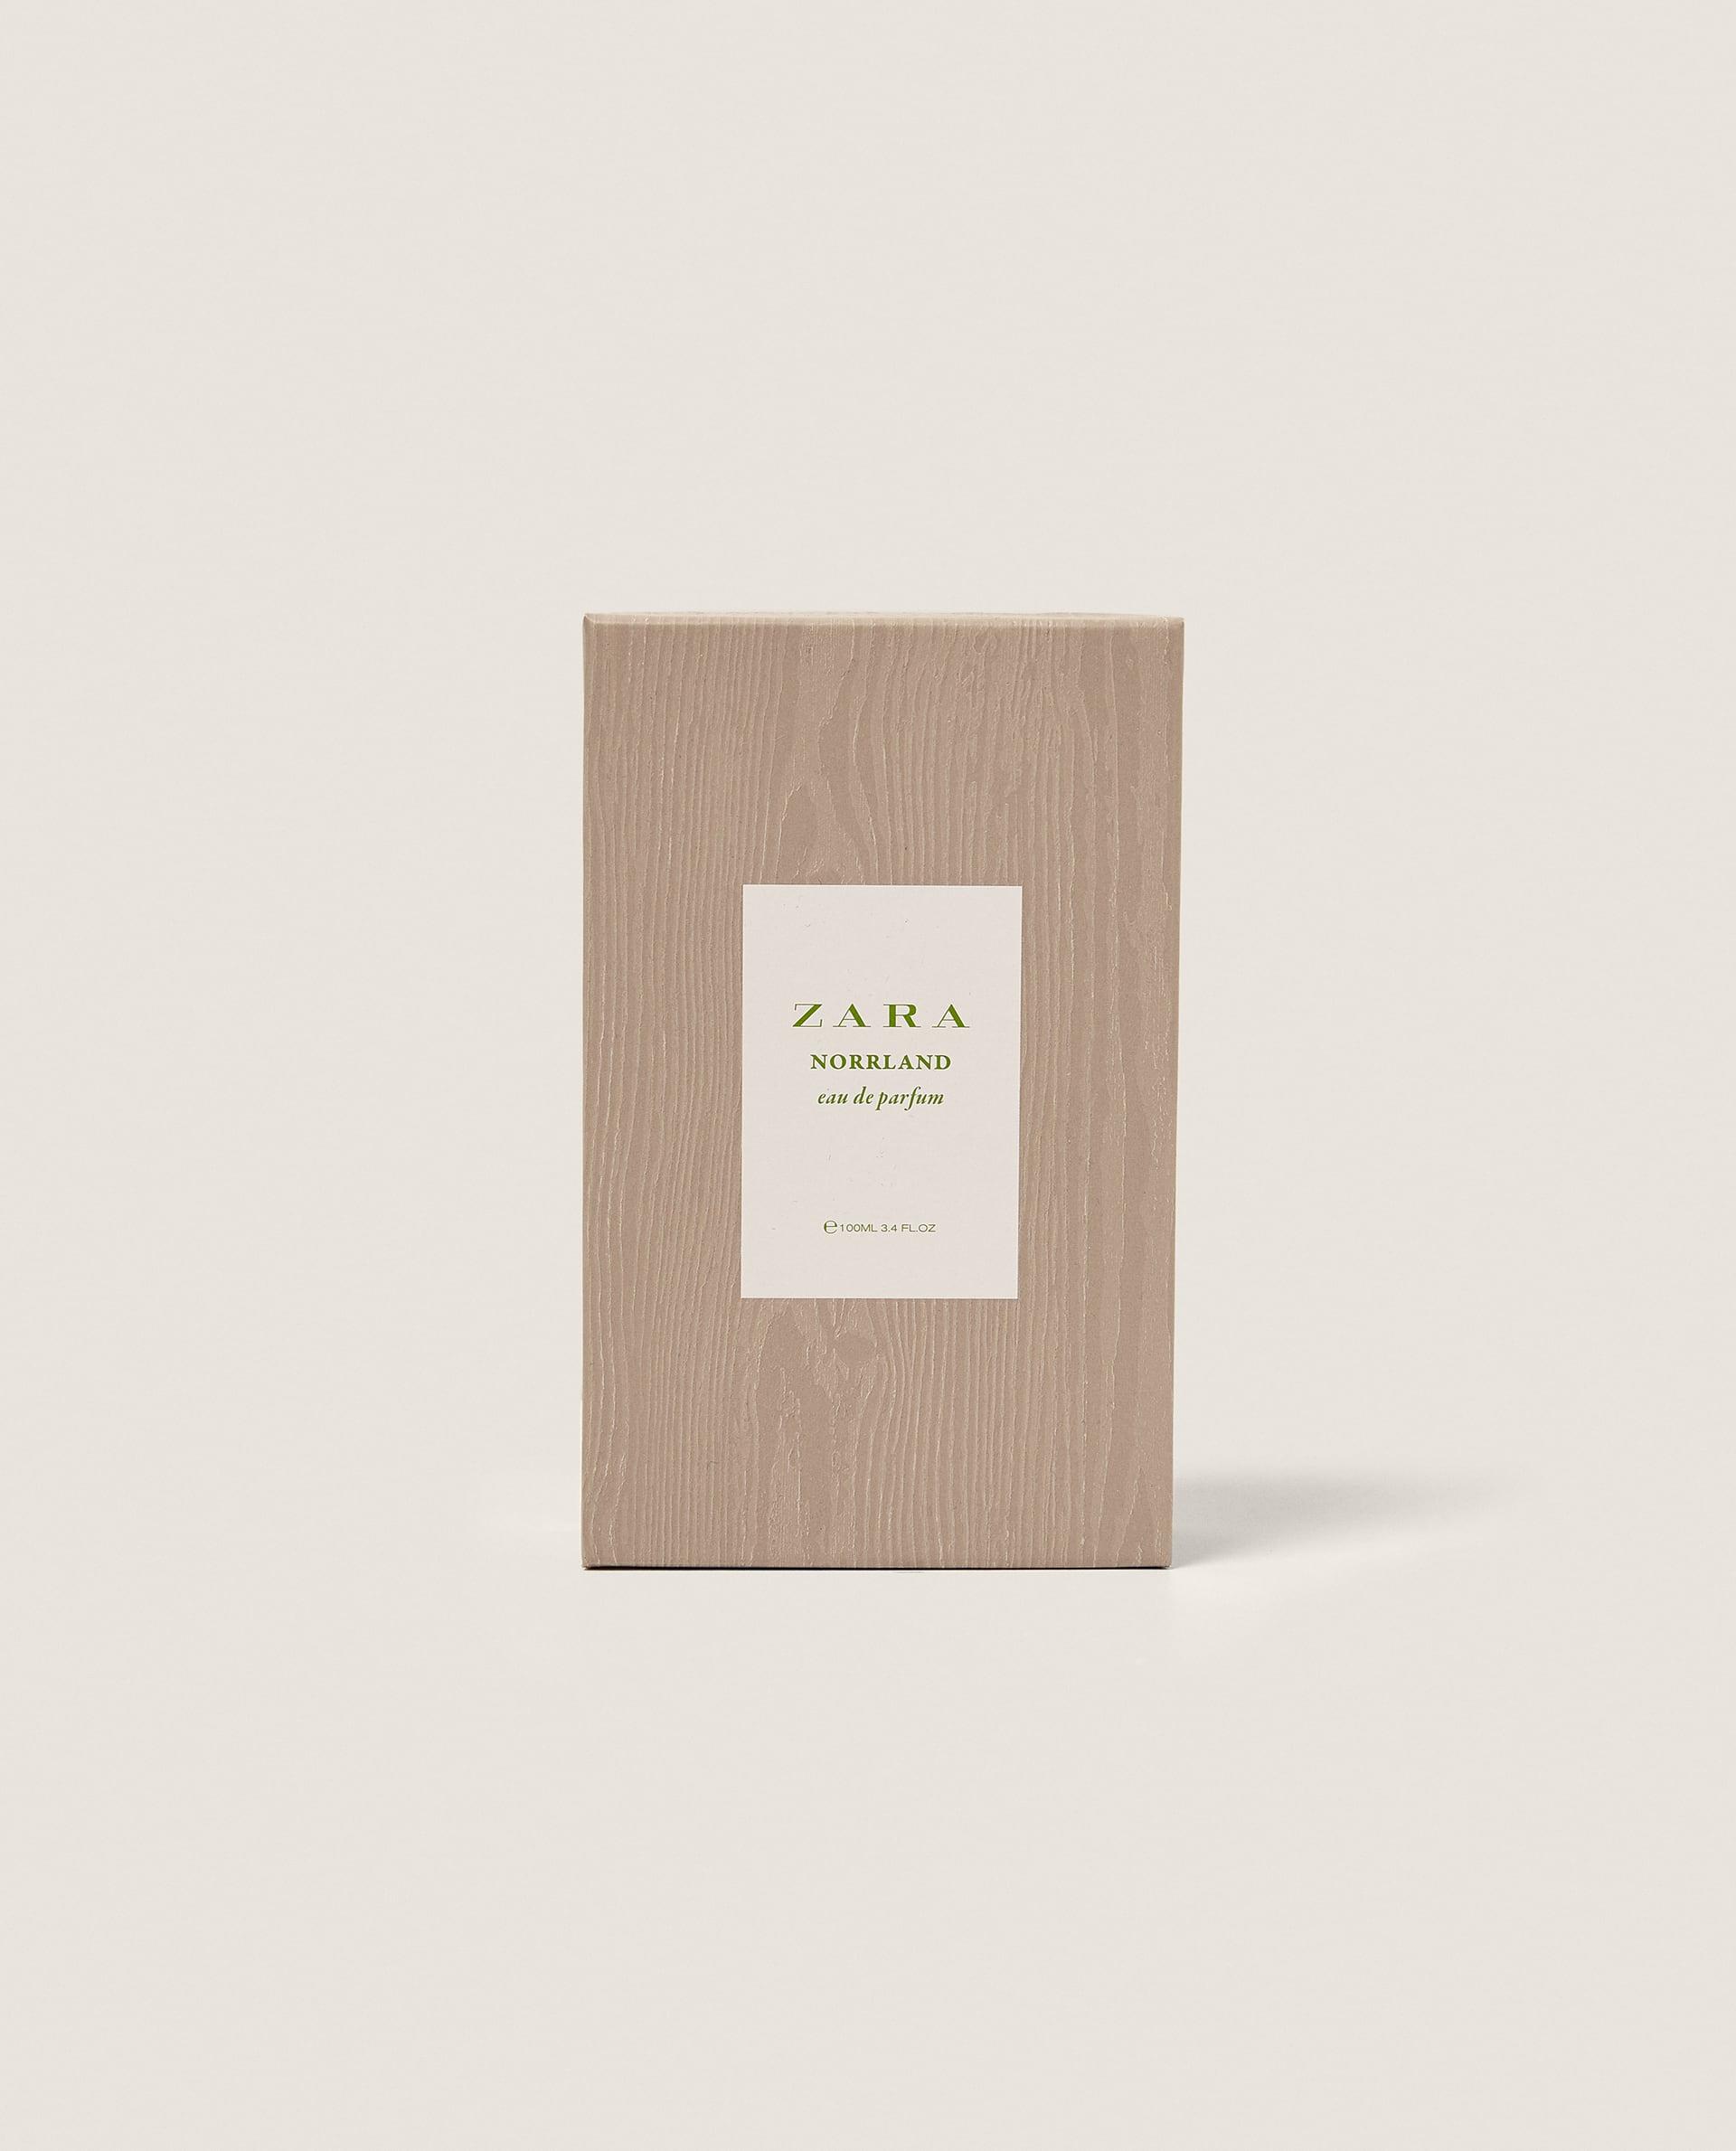 Parfum Zara 2017 Norrland Nouveau Pour Homme Cologne Un WDYbe2EH9I